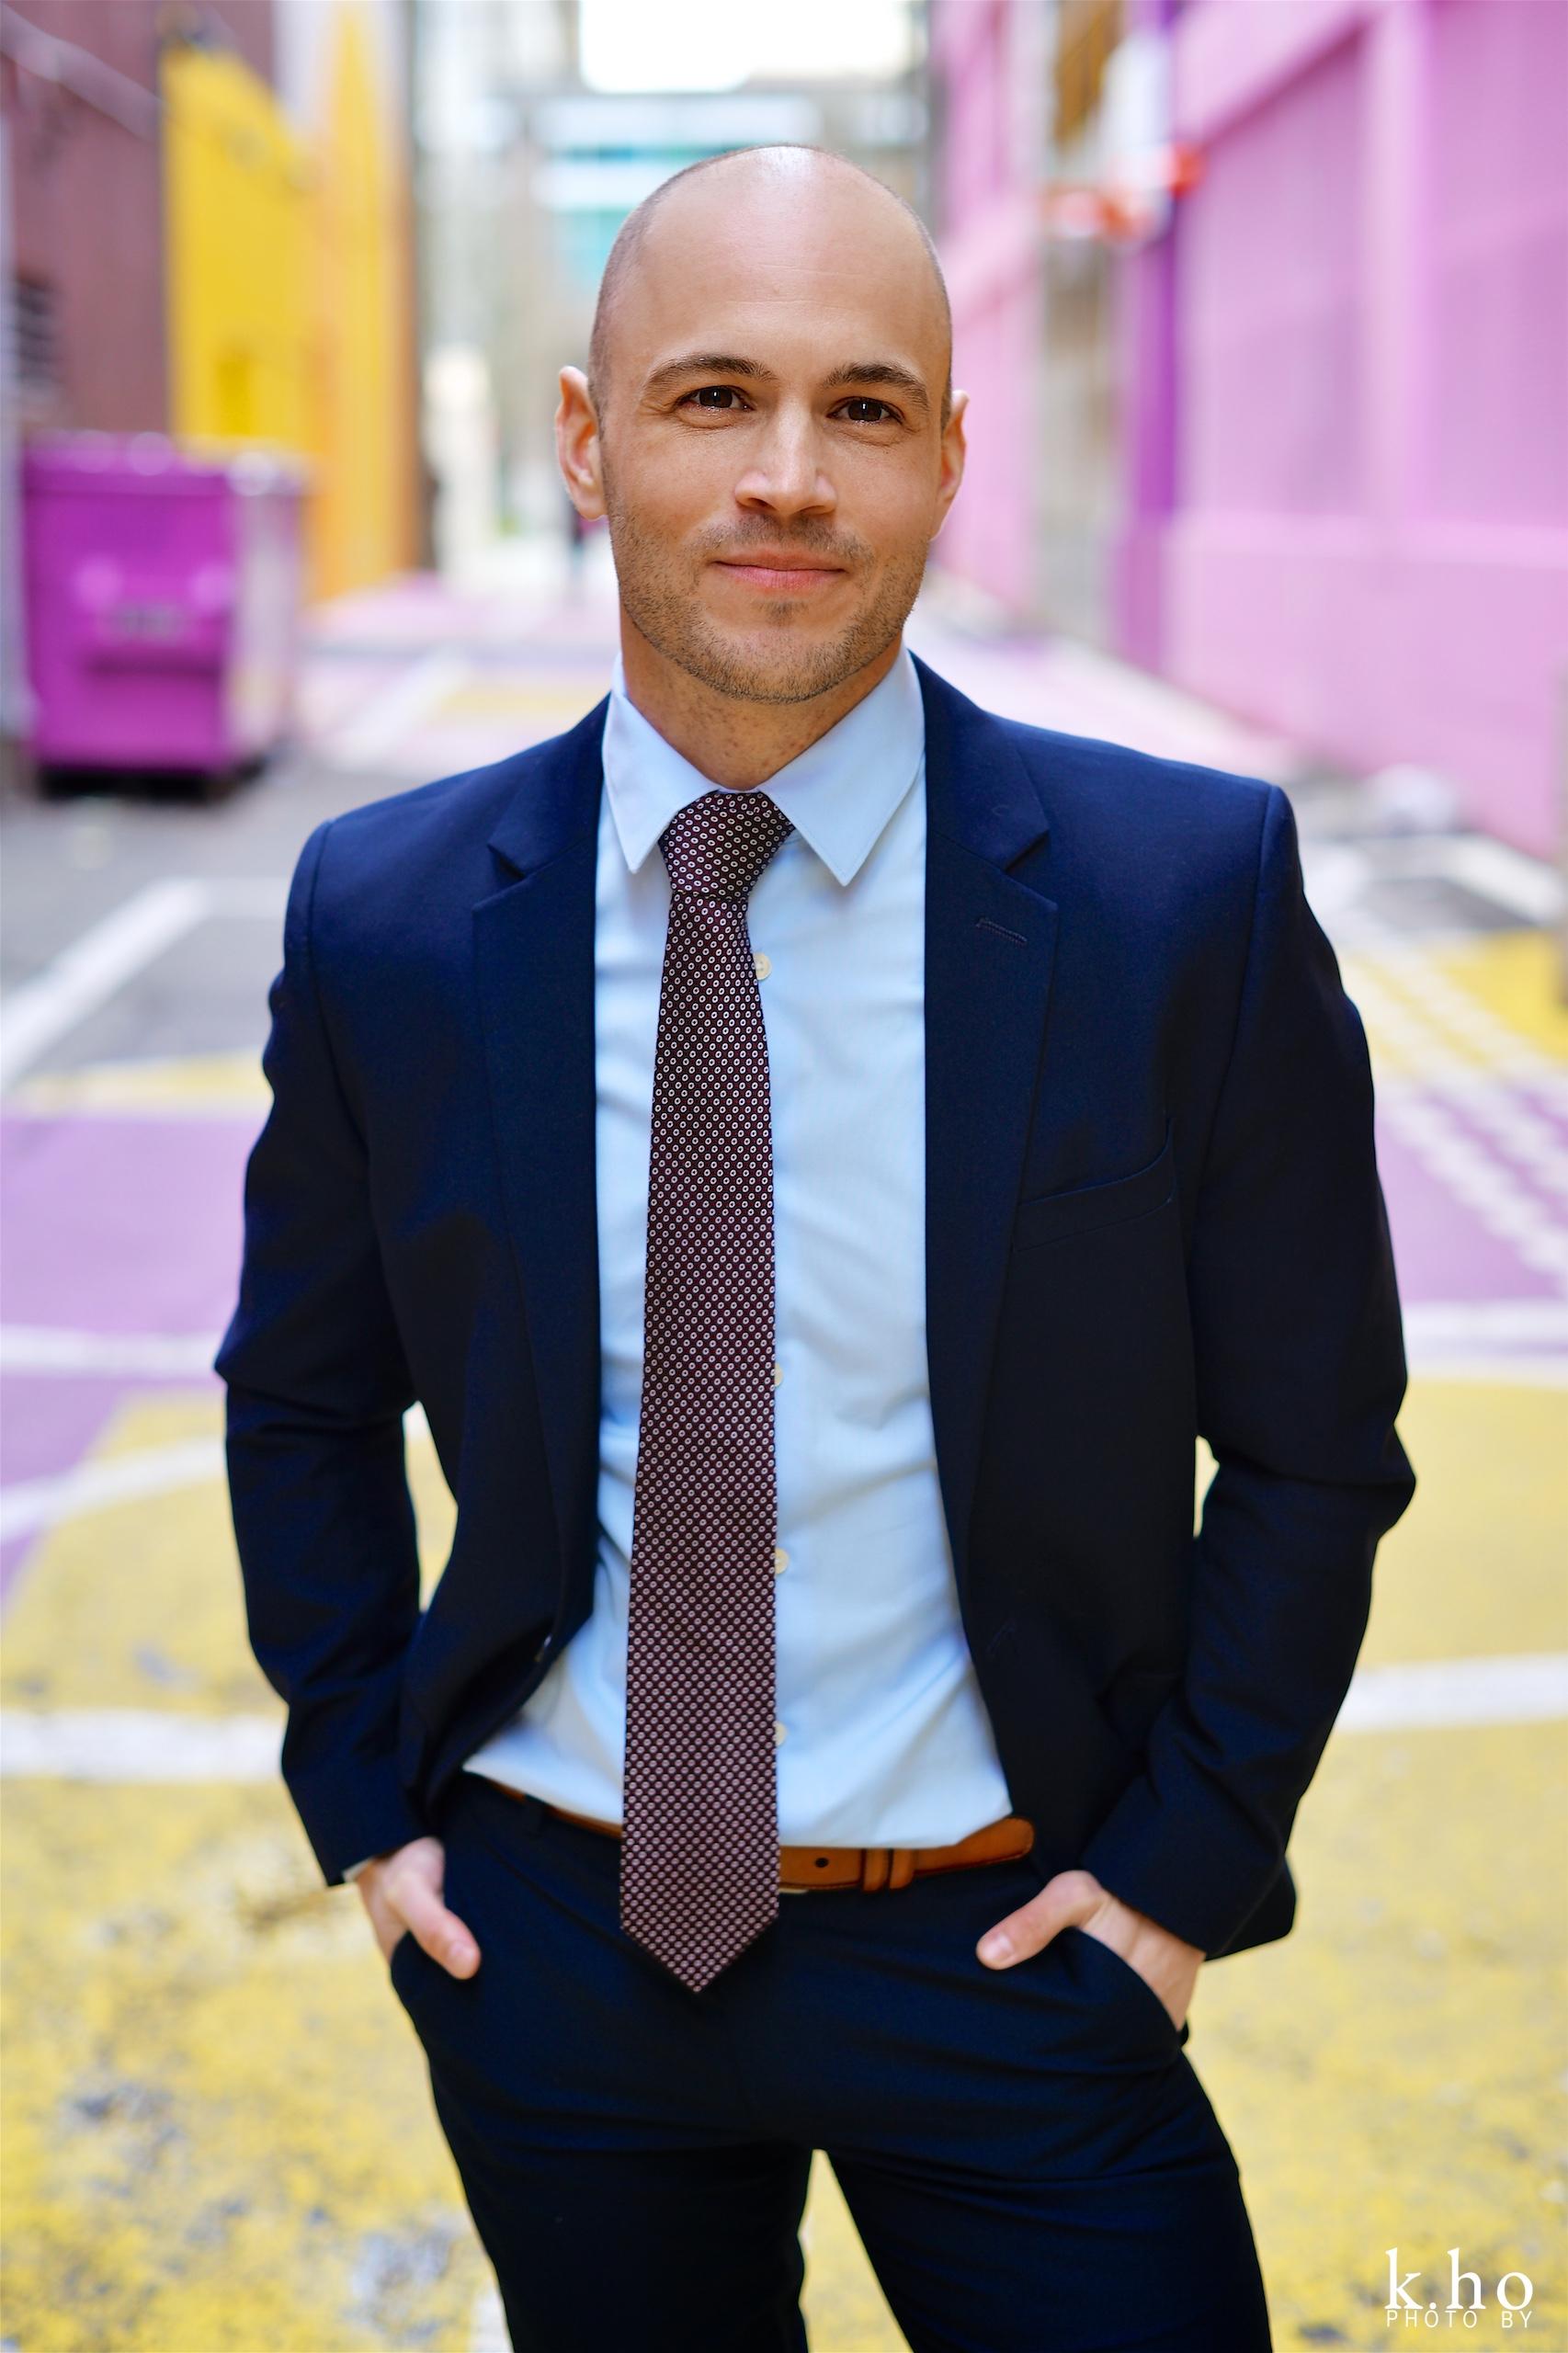 Photo of Olivier Ferlatte